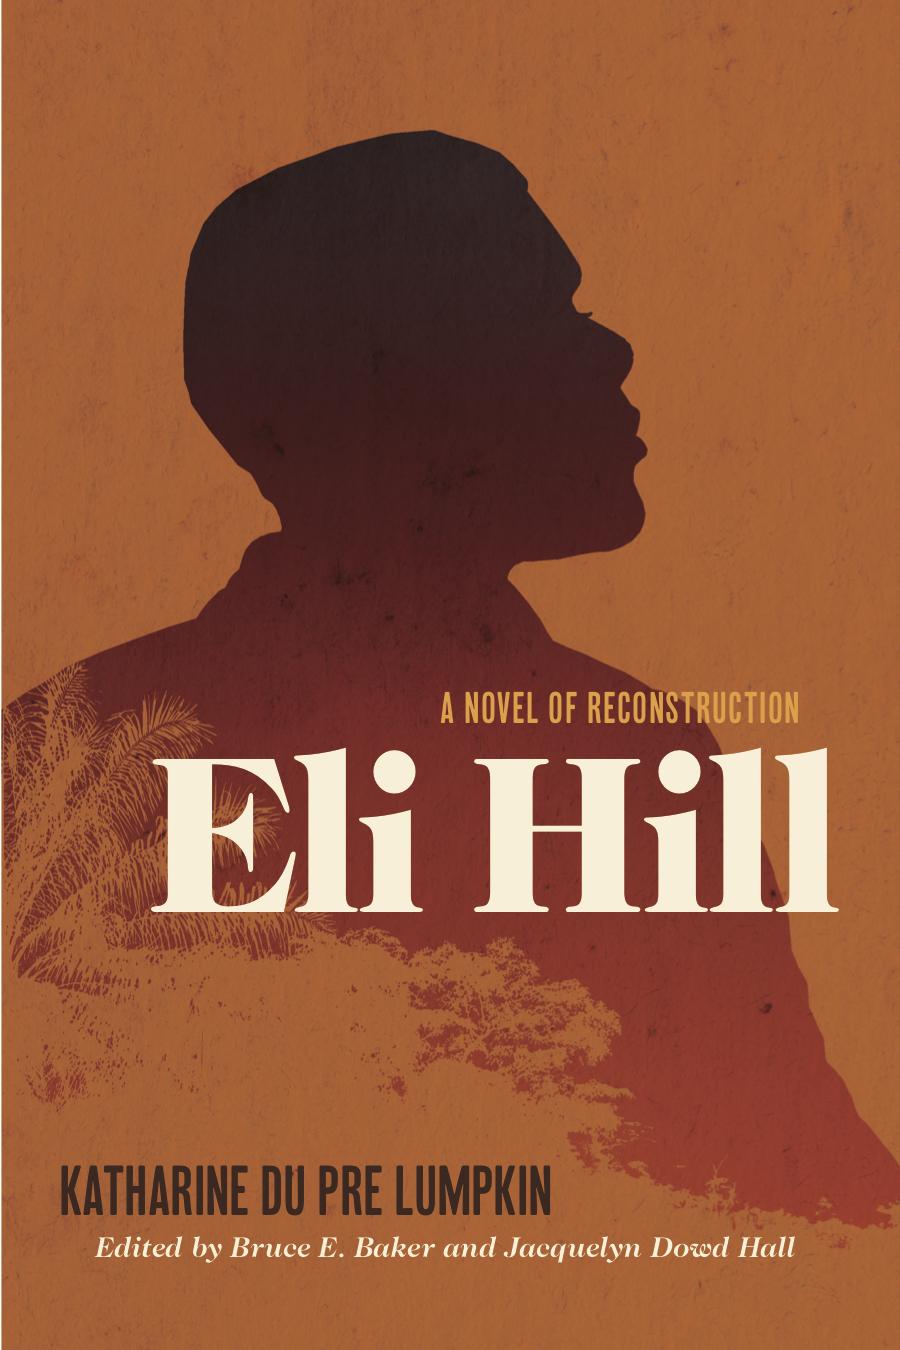 Eli Hill cover 11-5-19 jpg